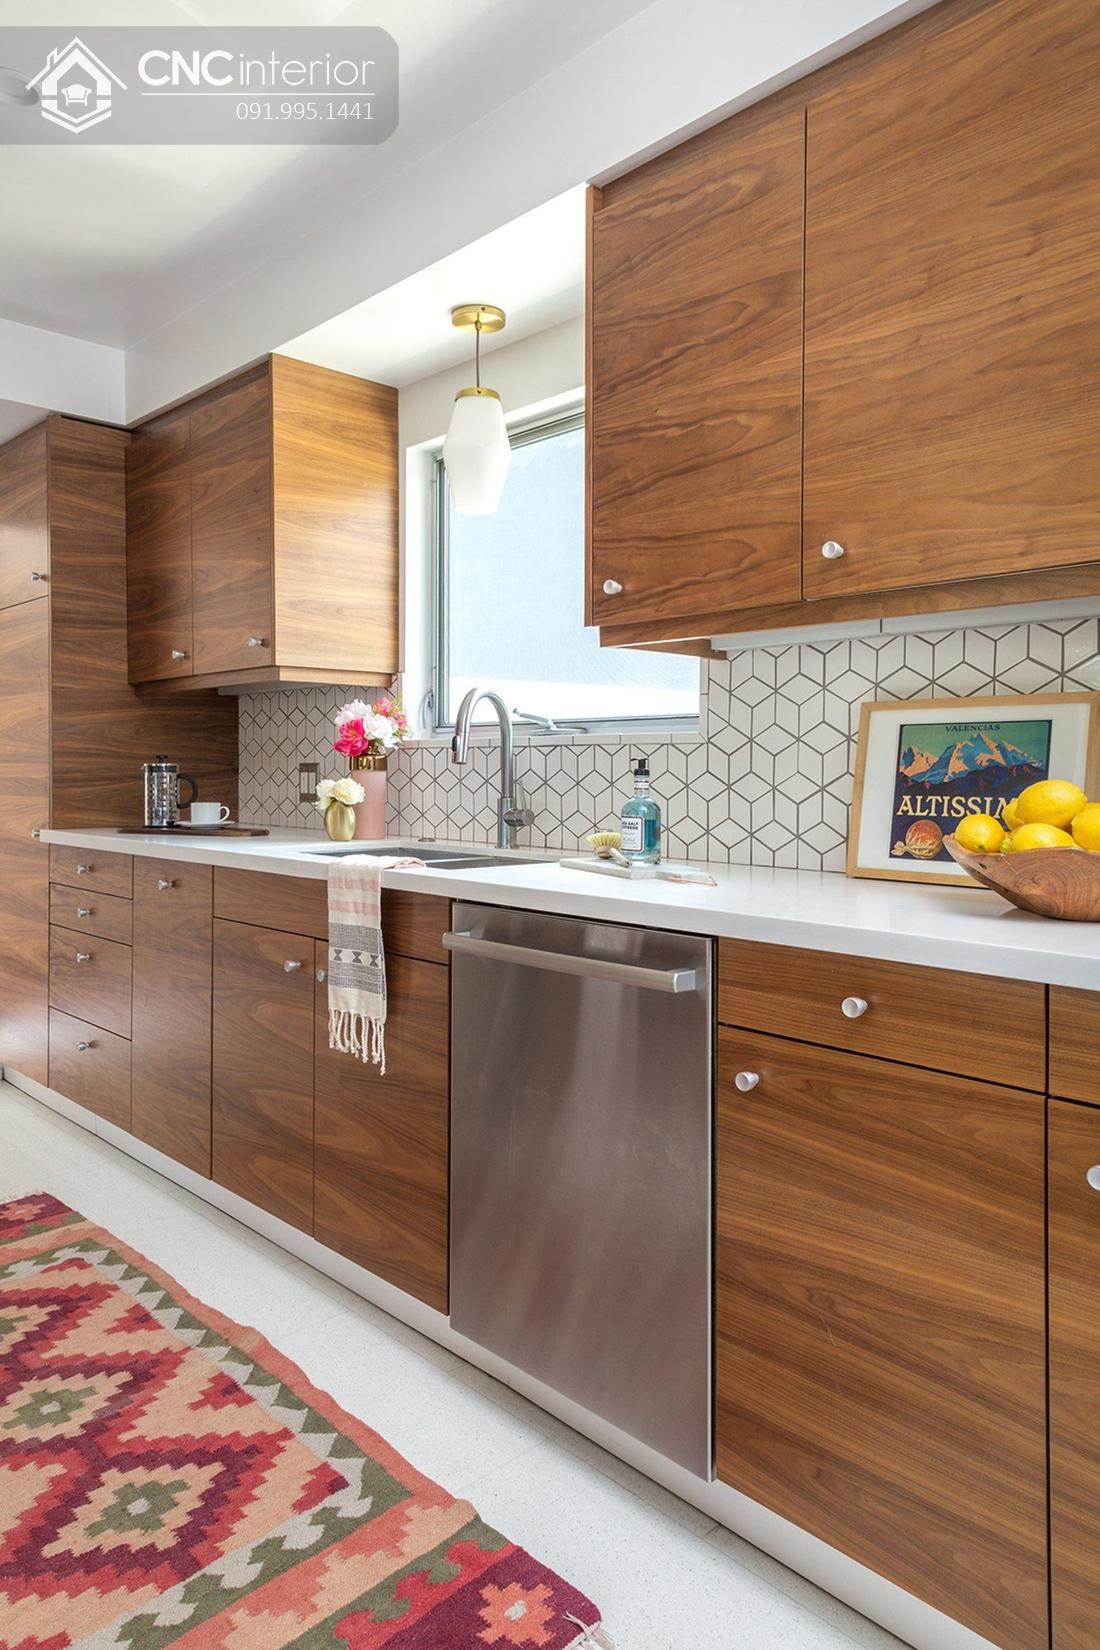 tủ bếp treo tường bằng gỗ 3